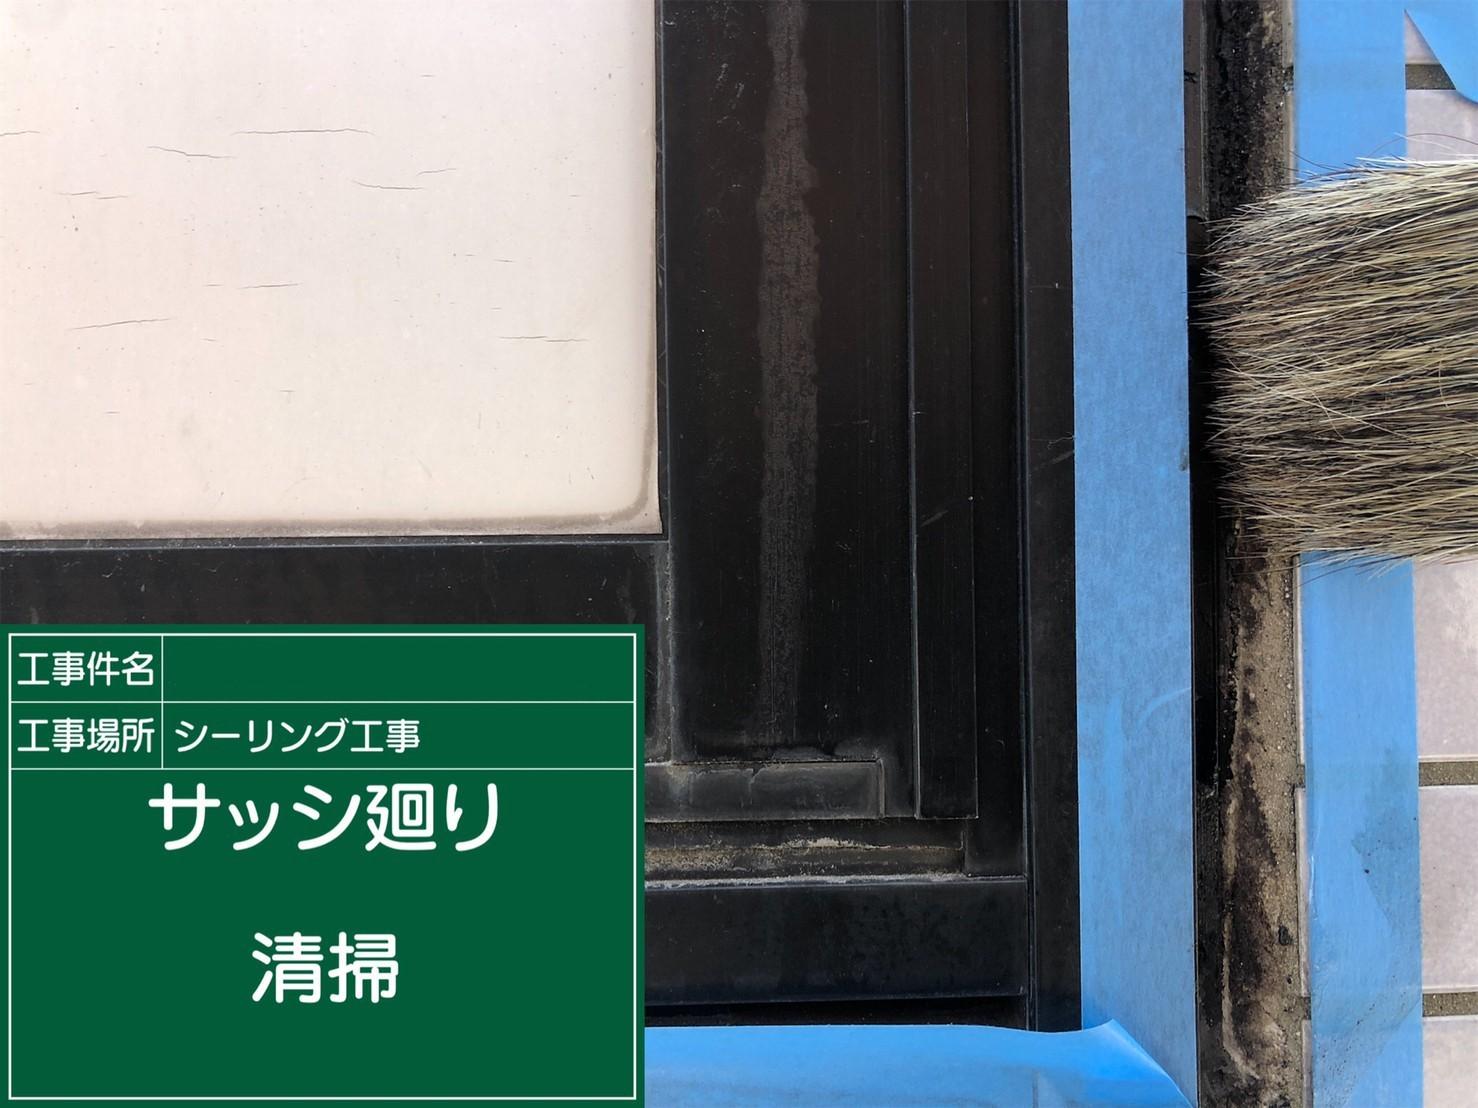 【サッシ廻り】①撤去後清掃